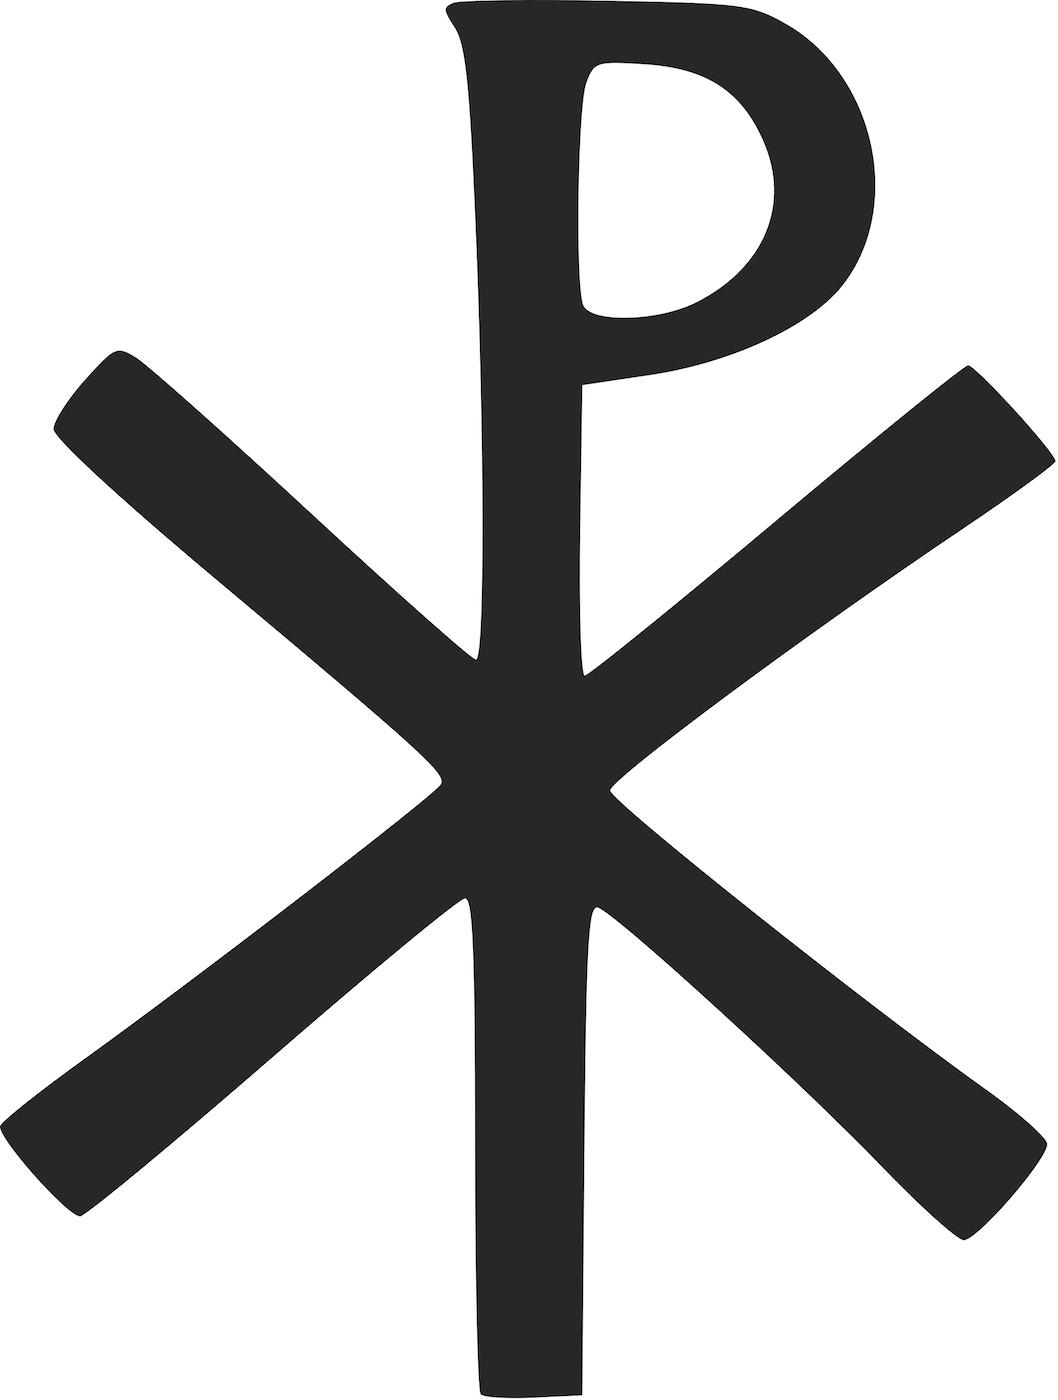 Chi rho religionfacts chi rho symbol buycottarizona Choice Image